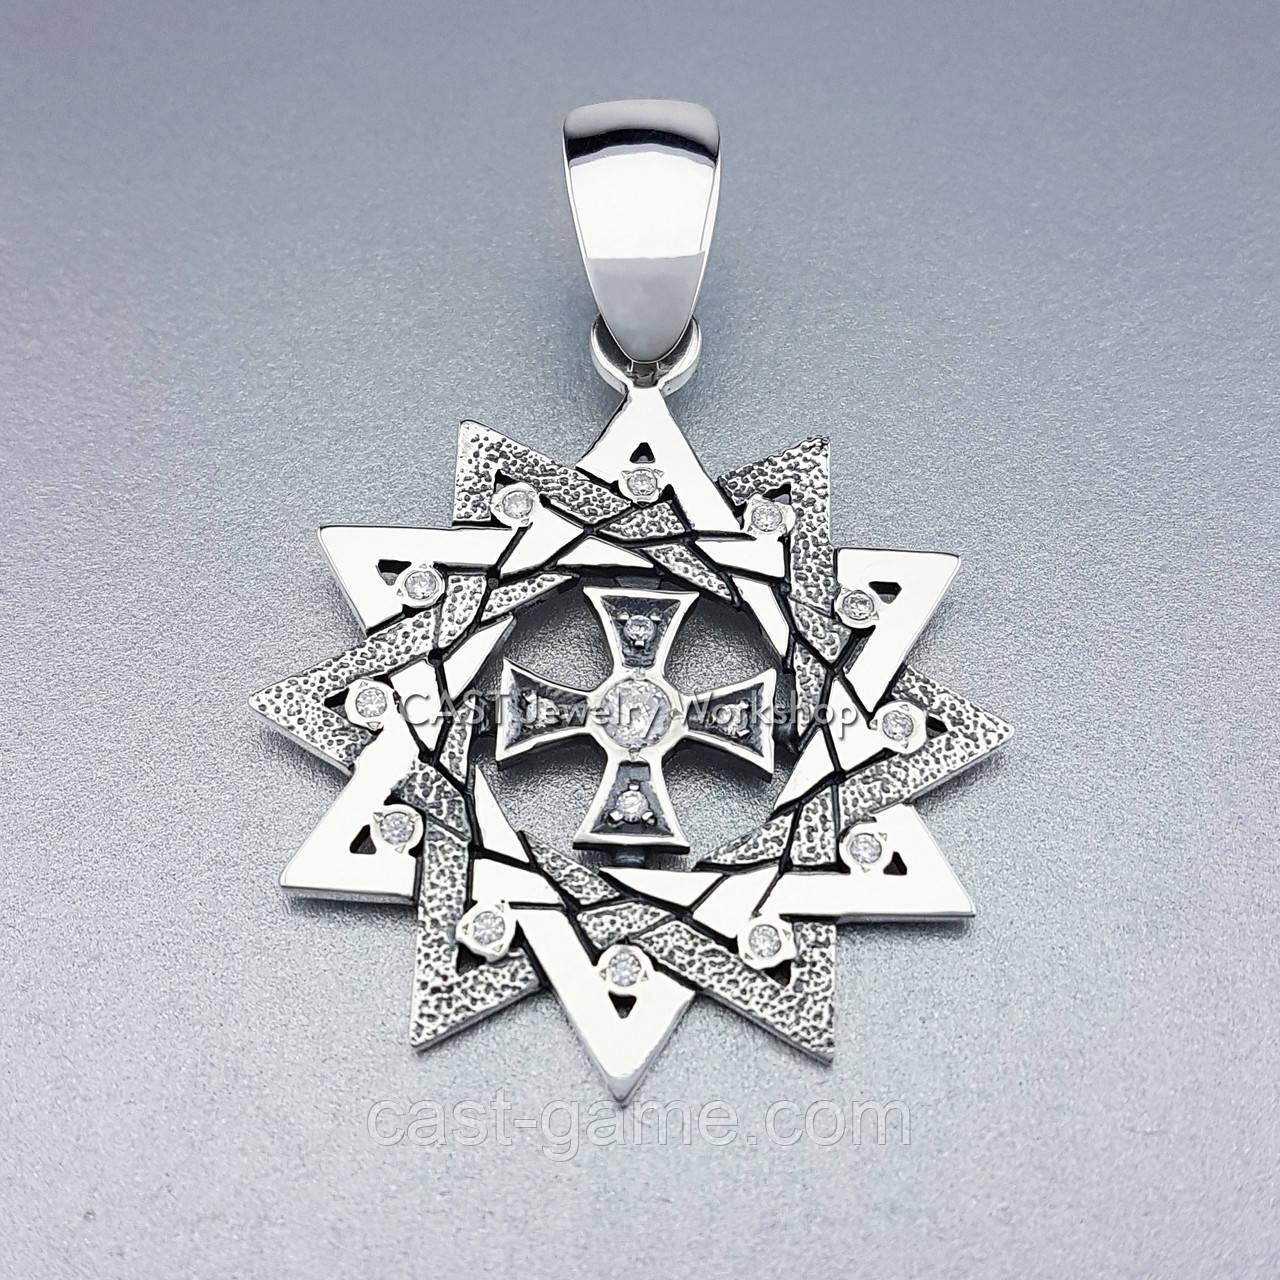 d8a8d154bc6b Звезда Эрцгаммы (с большим ушком) подвес серебро 925 пробы - CAST ювелирная  мастерская в